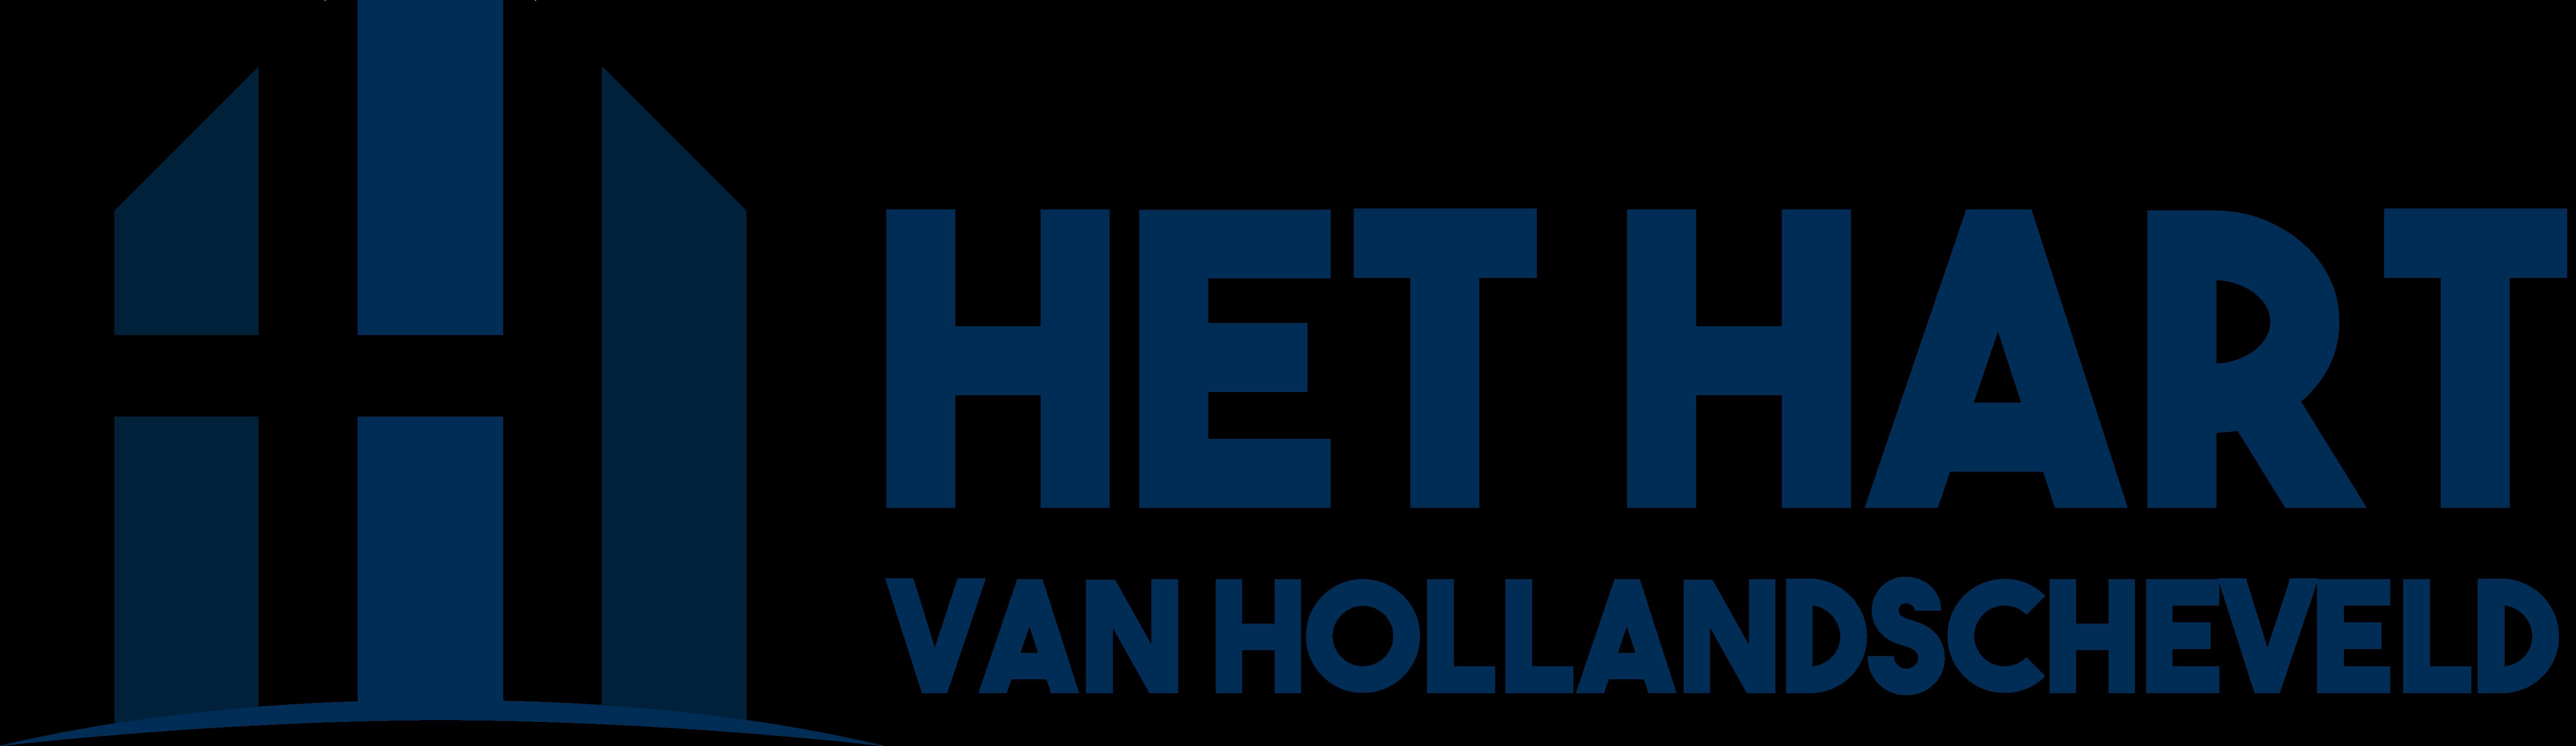 Het Hart van Hollandscheveld